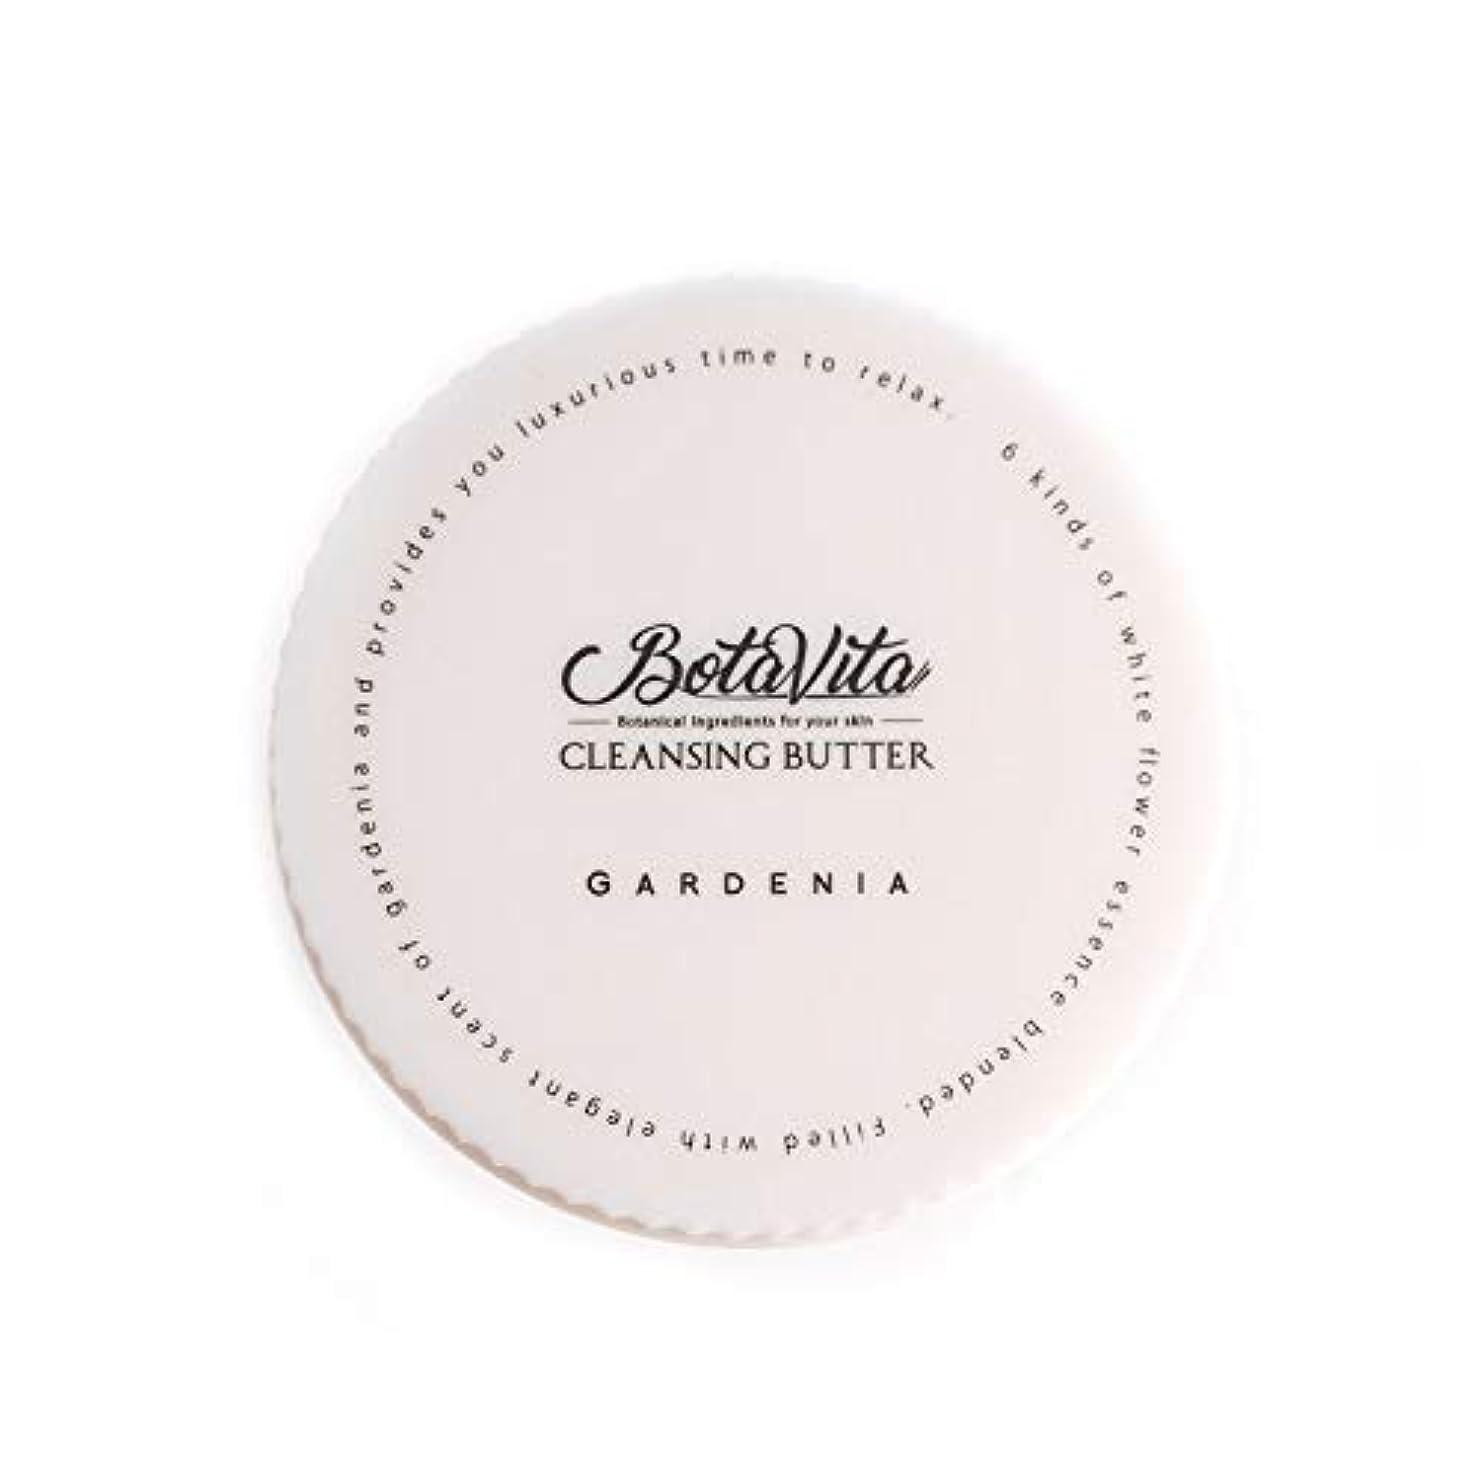 BotaVita ボタヴィータ クレンジングバター <ガーデニア> 80g ダブル洗顔不要 マツエクOK 保湿ケア 毛穴汚れオフ